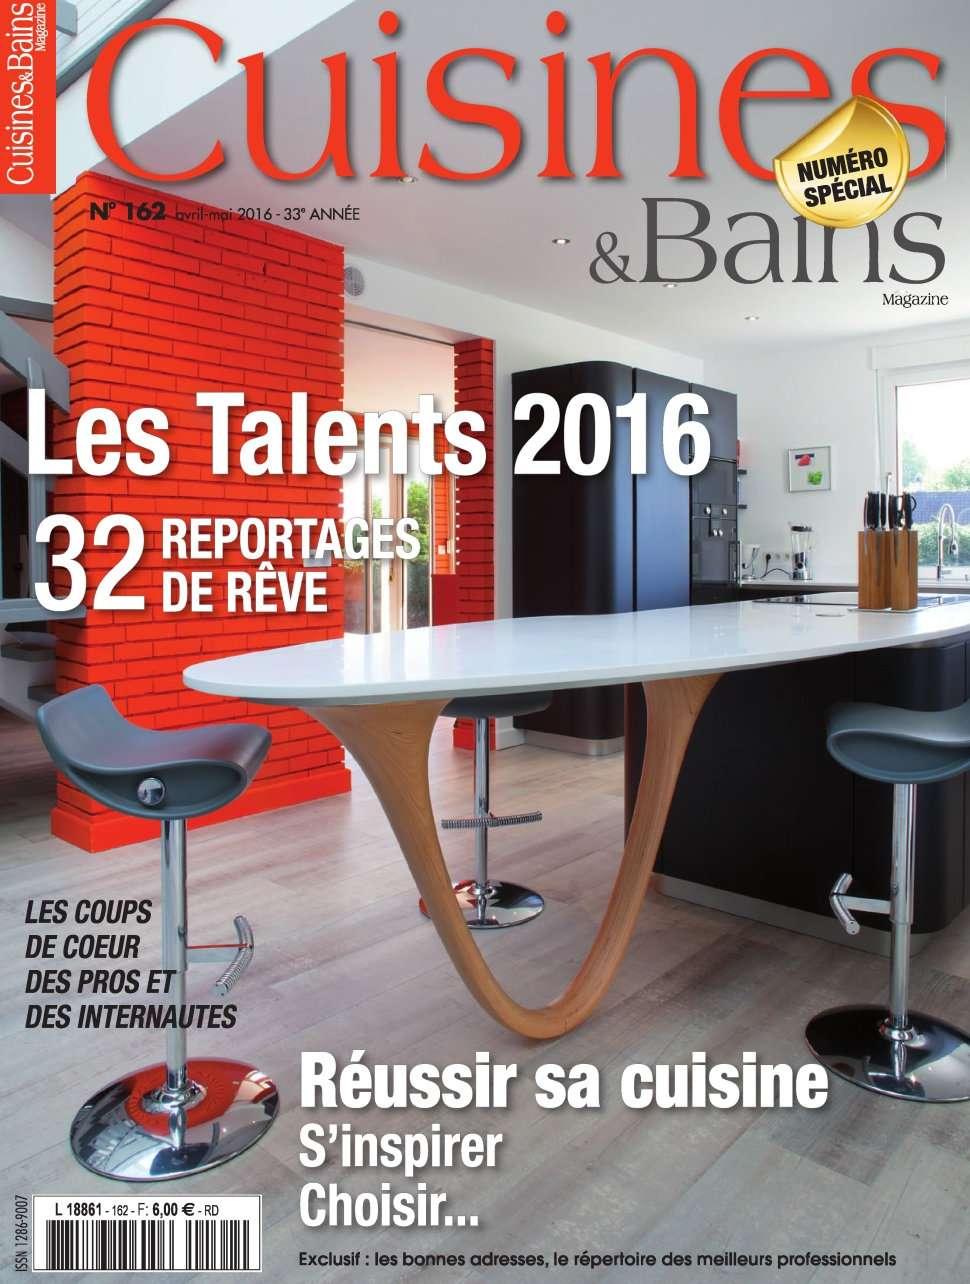 Cuisines & Bains 162 - Avril/Mai 2016